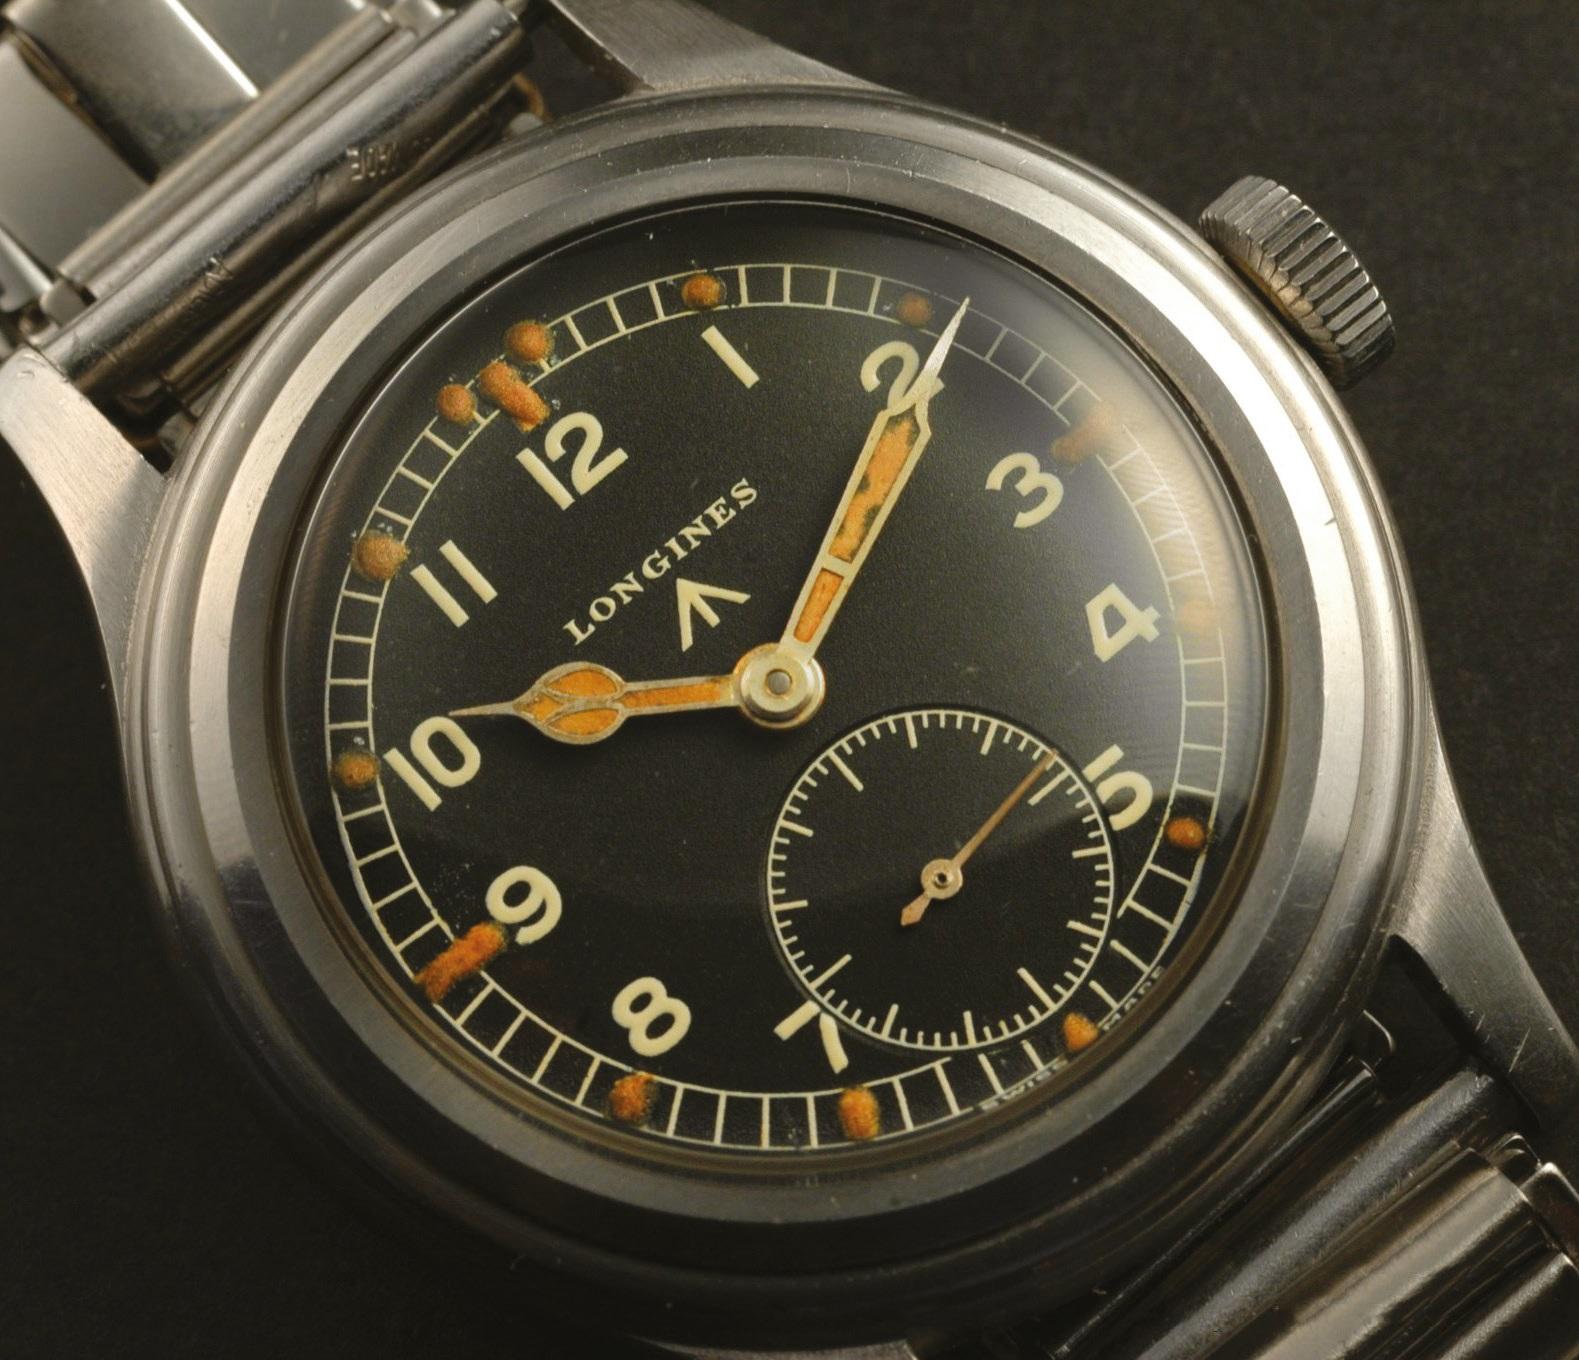 The Longines WWW military watch